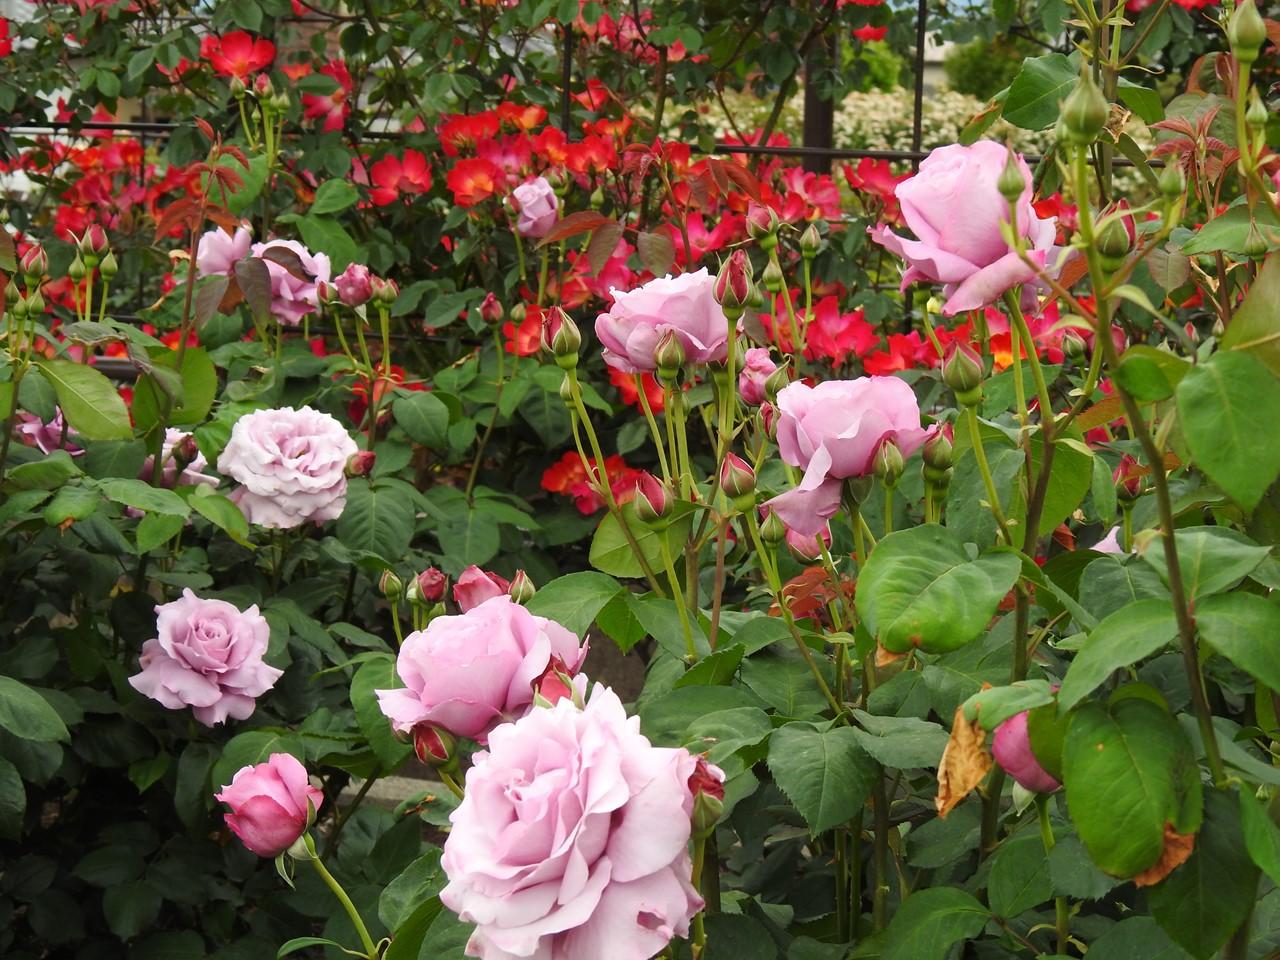 『大野町バラ公園のバラとサクランボ』_d0054276_20172343.jpg